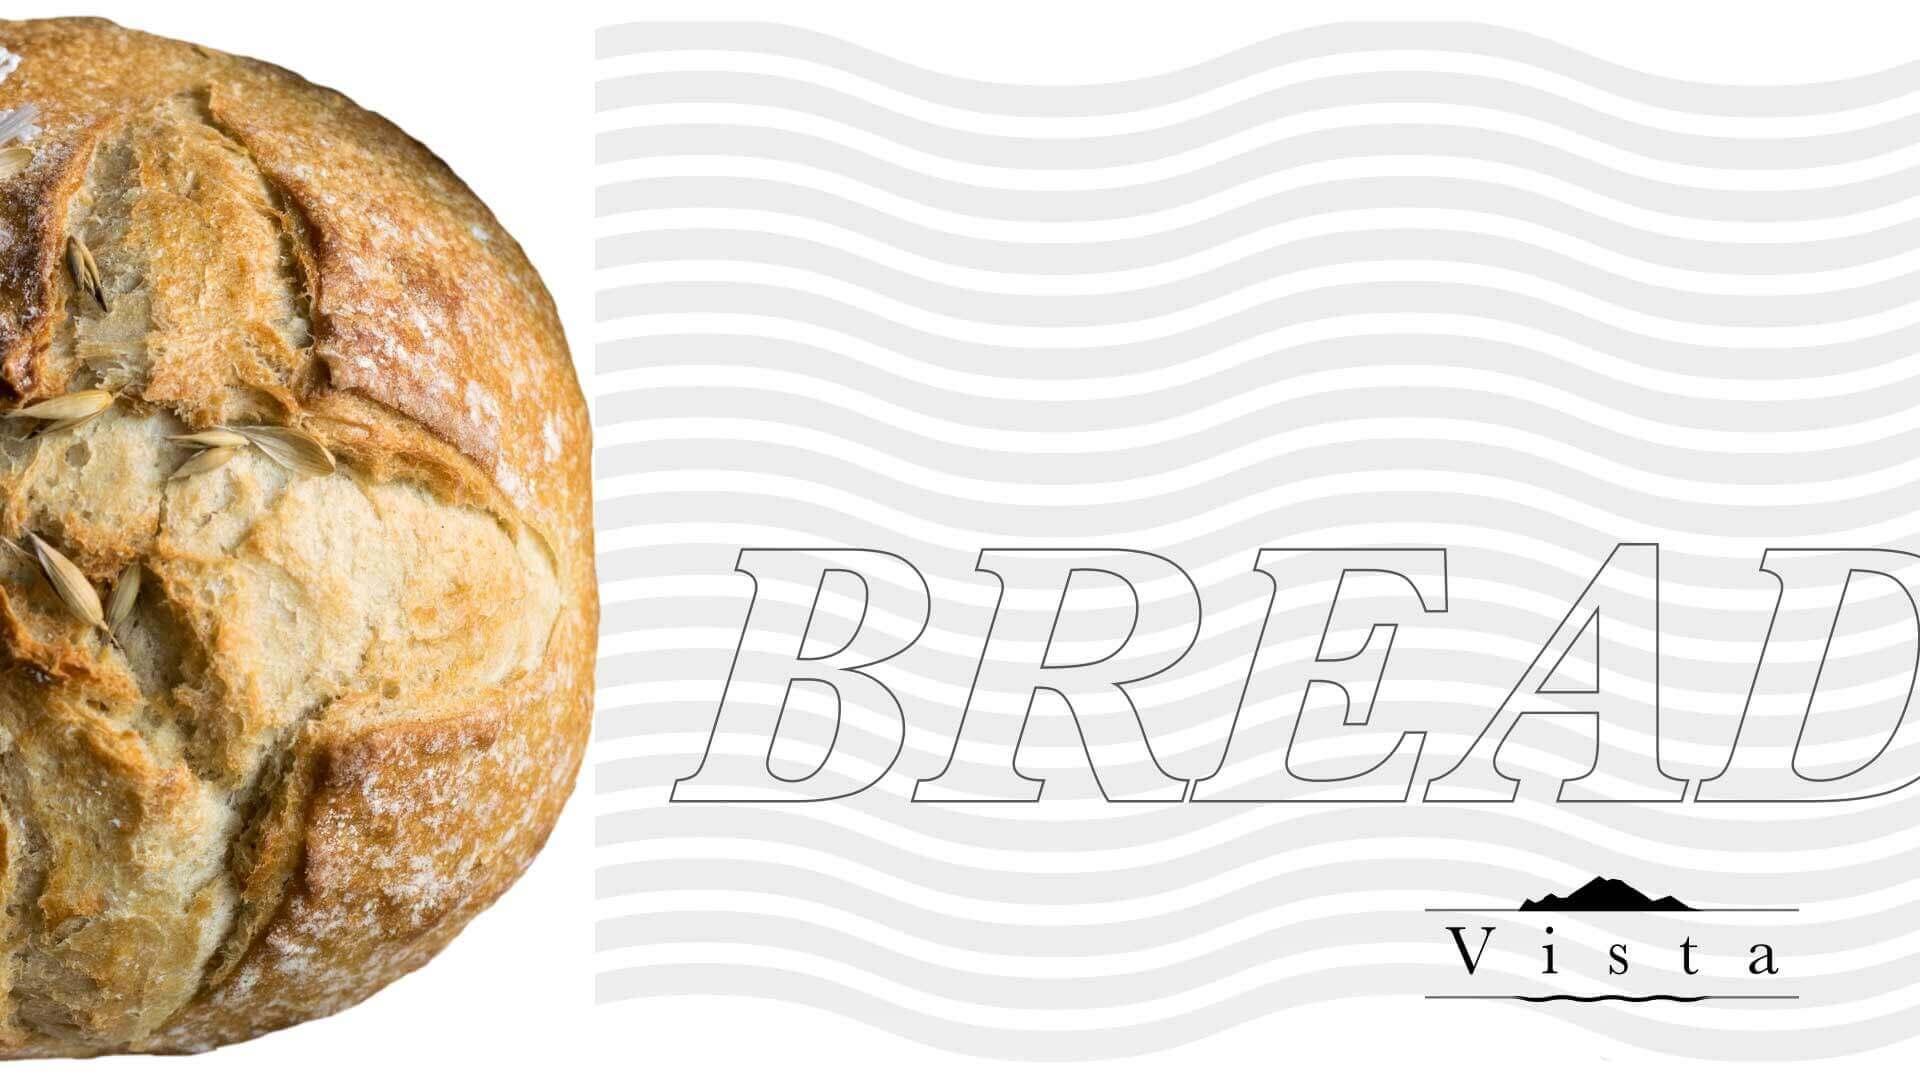 sulla sinistra un'inquadratura macro di un panino scontornato su sfondo bianco con il pattern della brand identity del Vista Ristorante